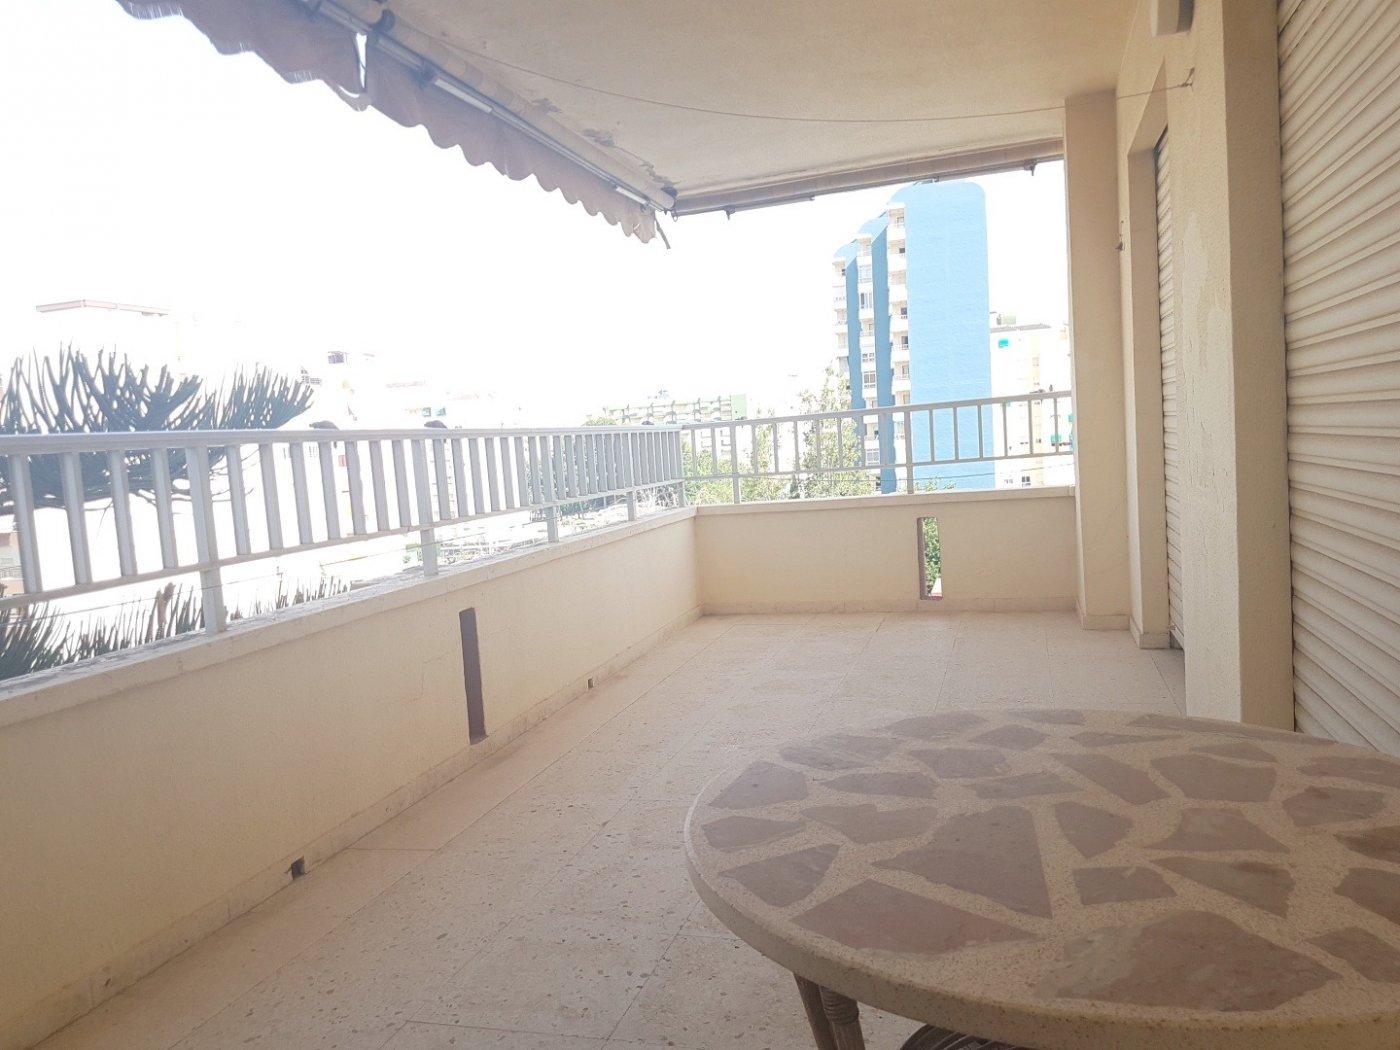 Apartamento en residencial tranquilo con parques, jardines, piscina comunitaria. - imagenInmueble27